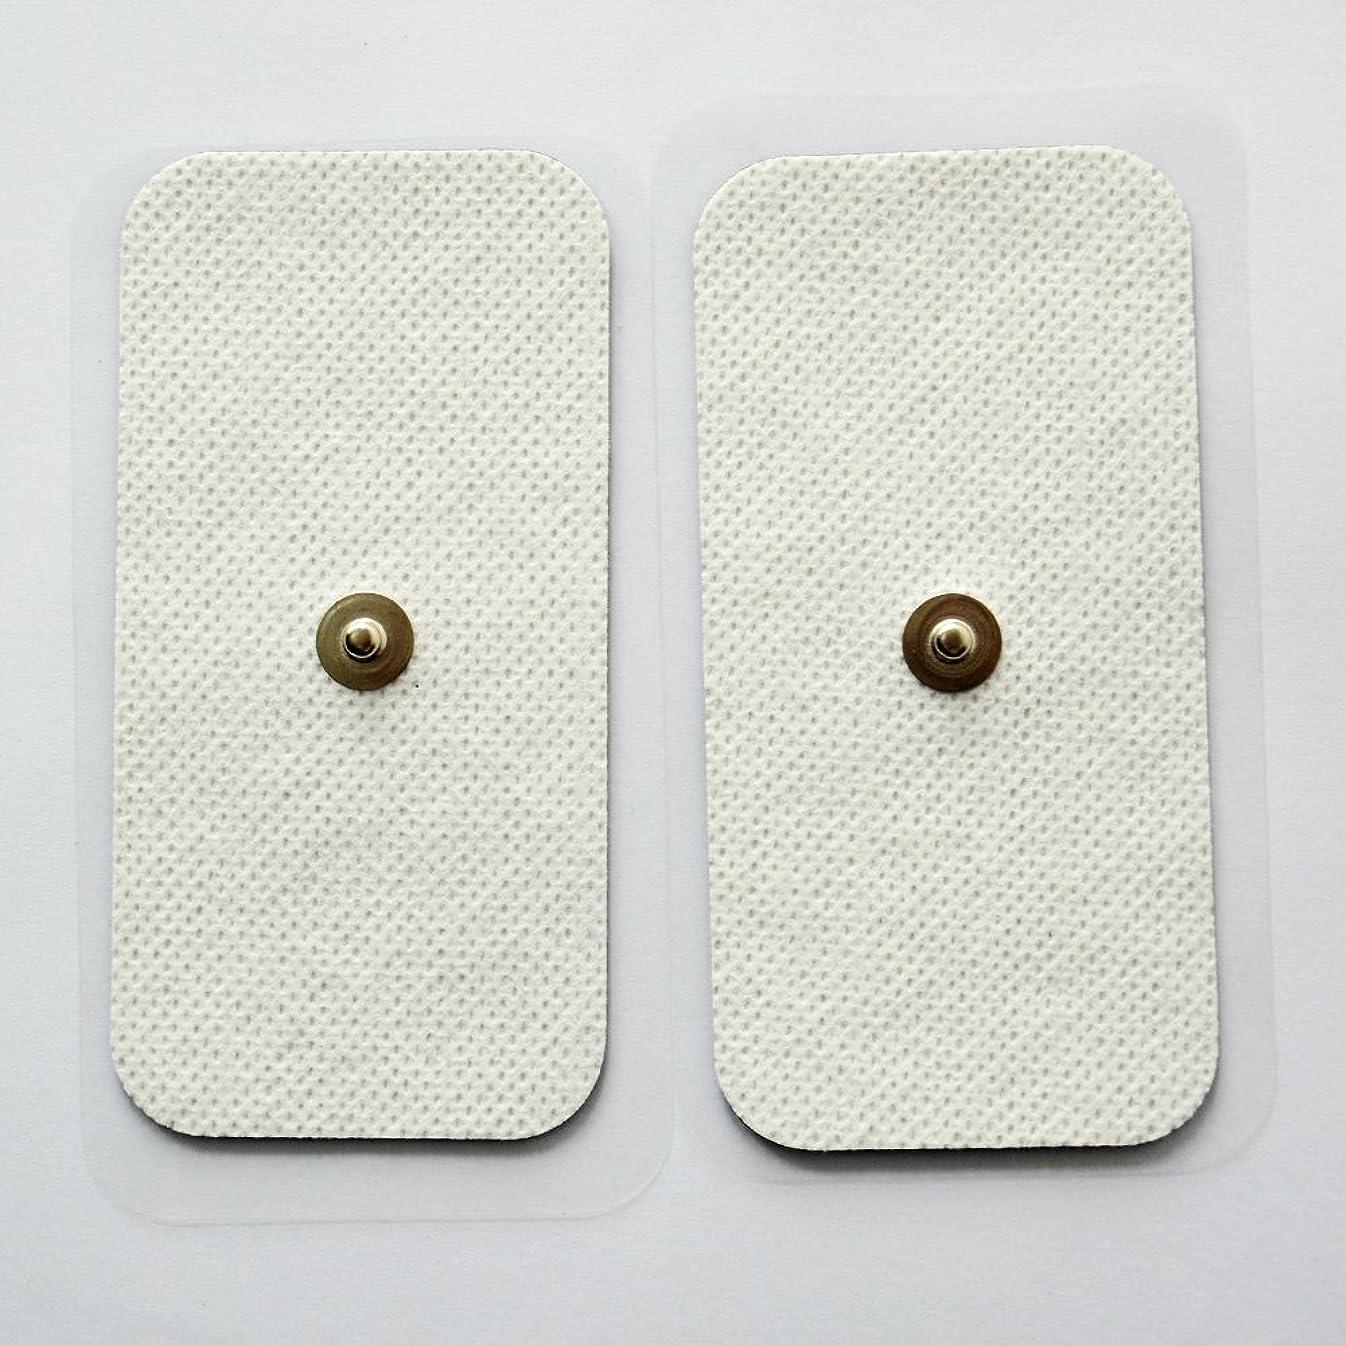 泥宣言する特許Konmed 粘着パッド 低周波用 電極パッド 20ペア/40枚入り, 角形5cm*10cm